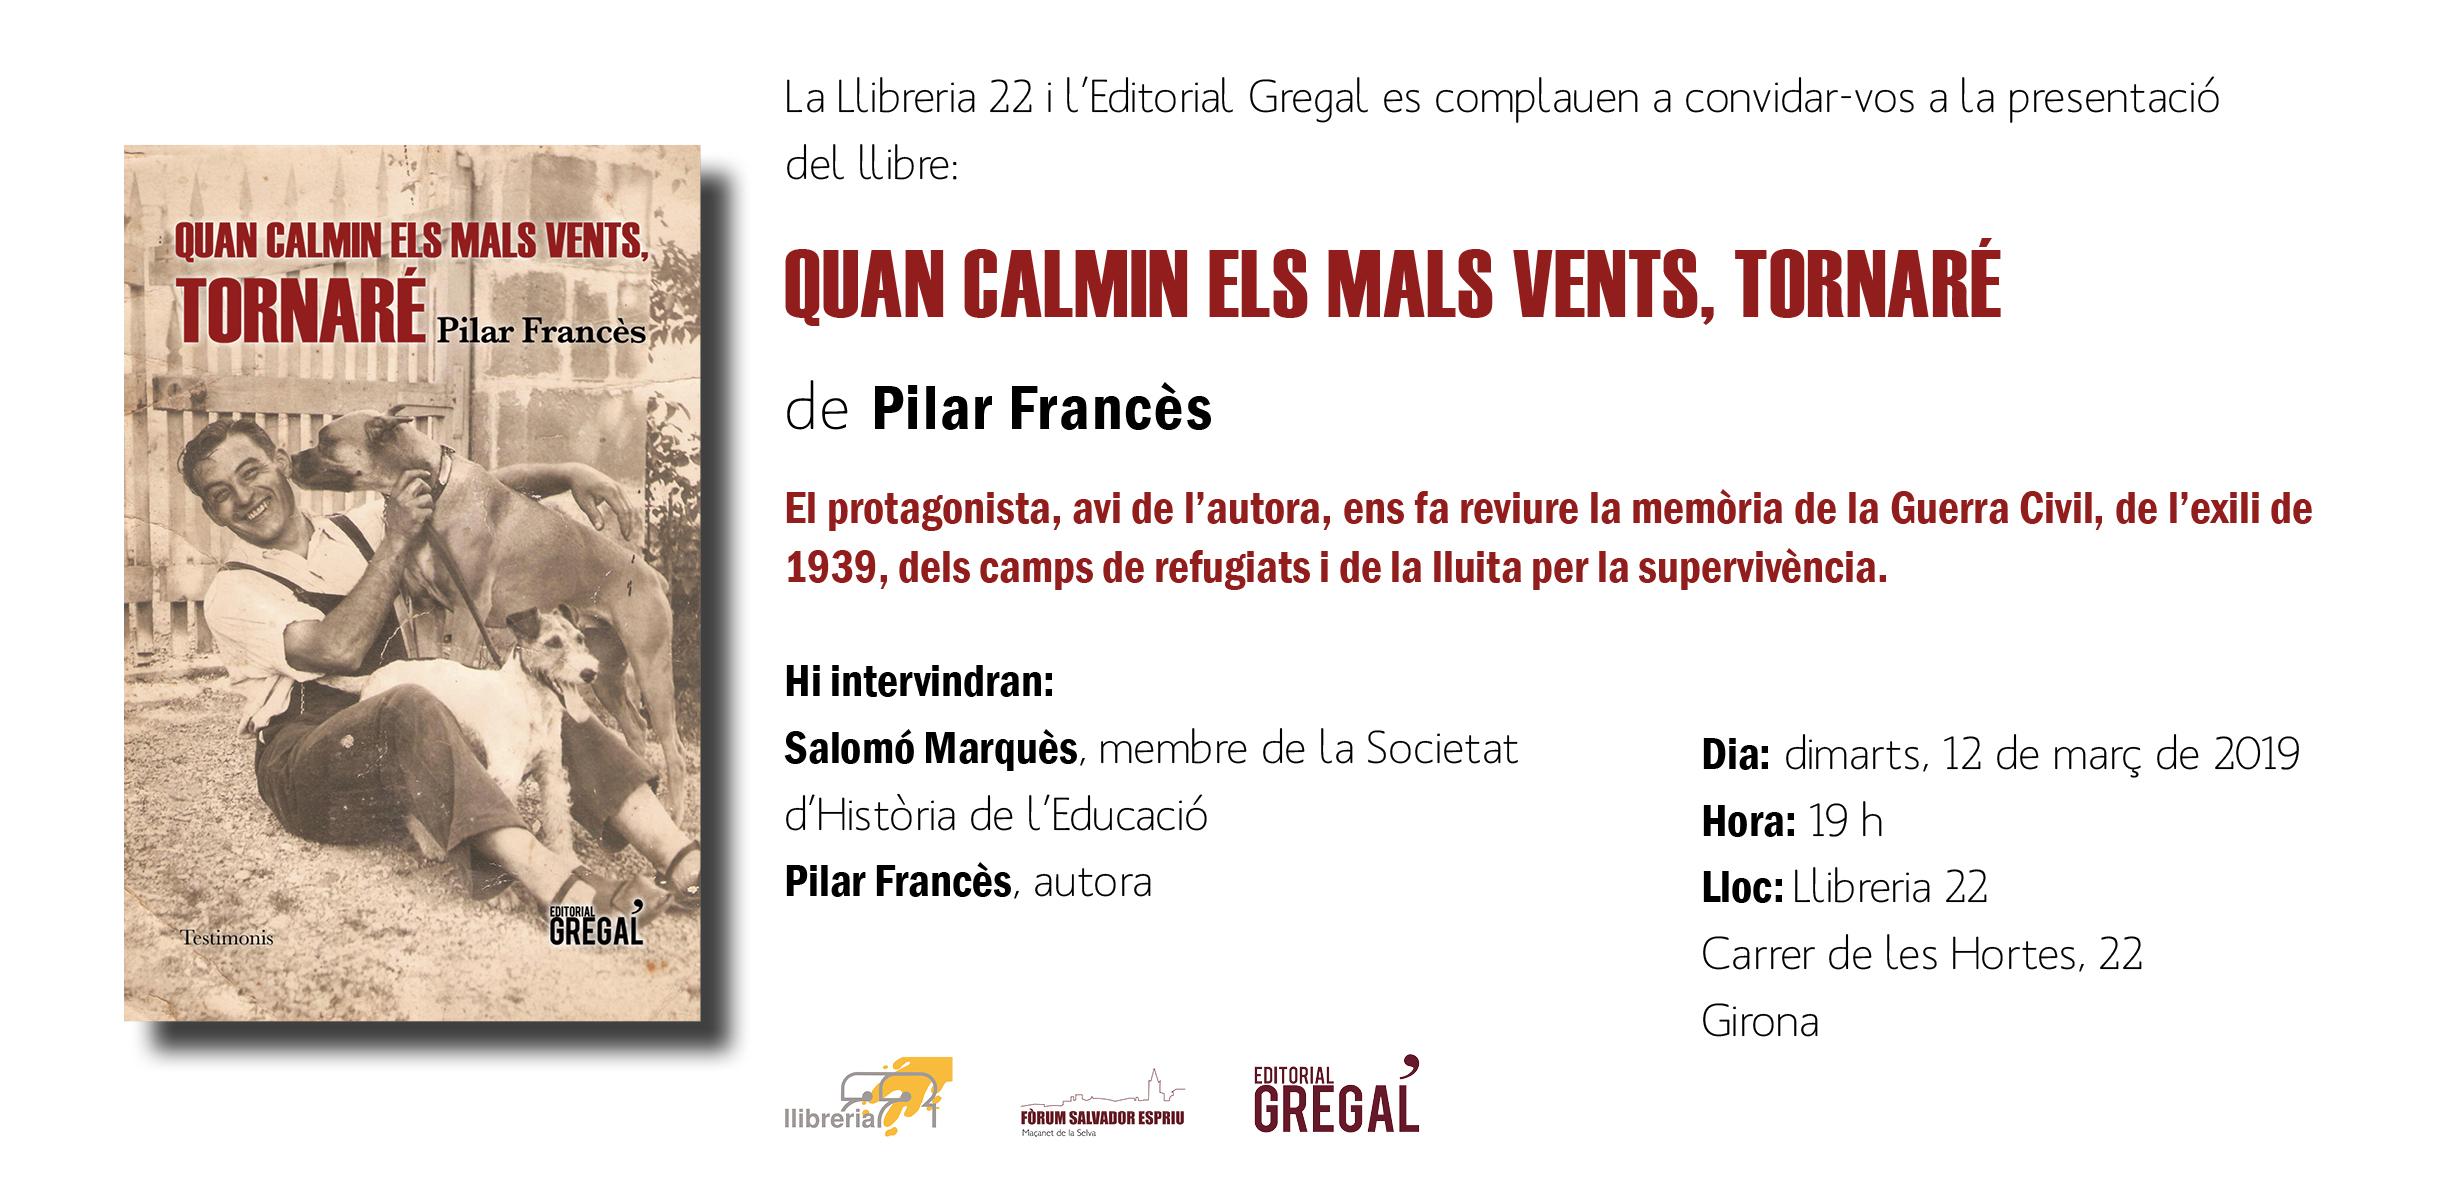 Invitació QUAN CALMIN ELS MALS VENTS_Girona